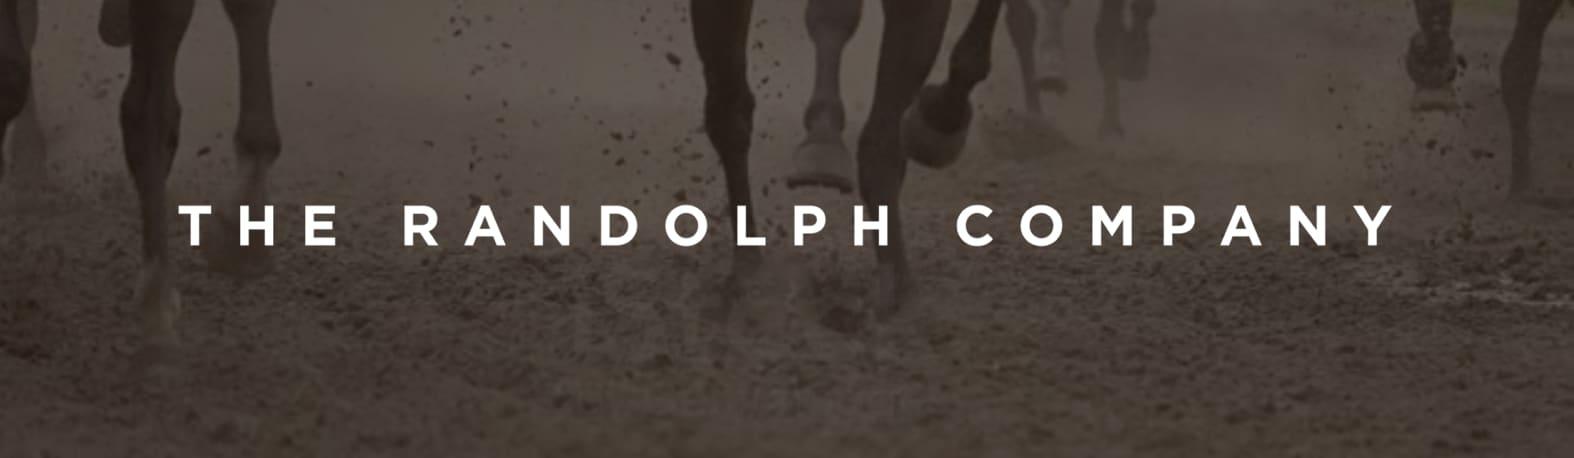 Randolph Company Logo